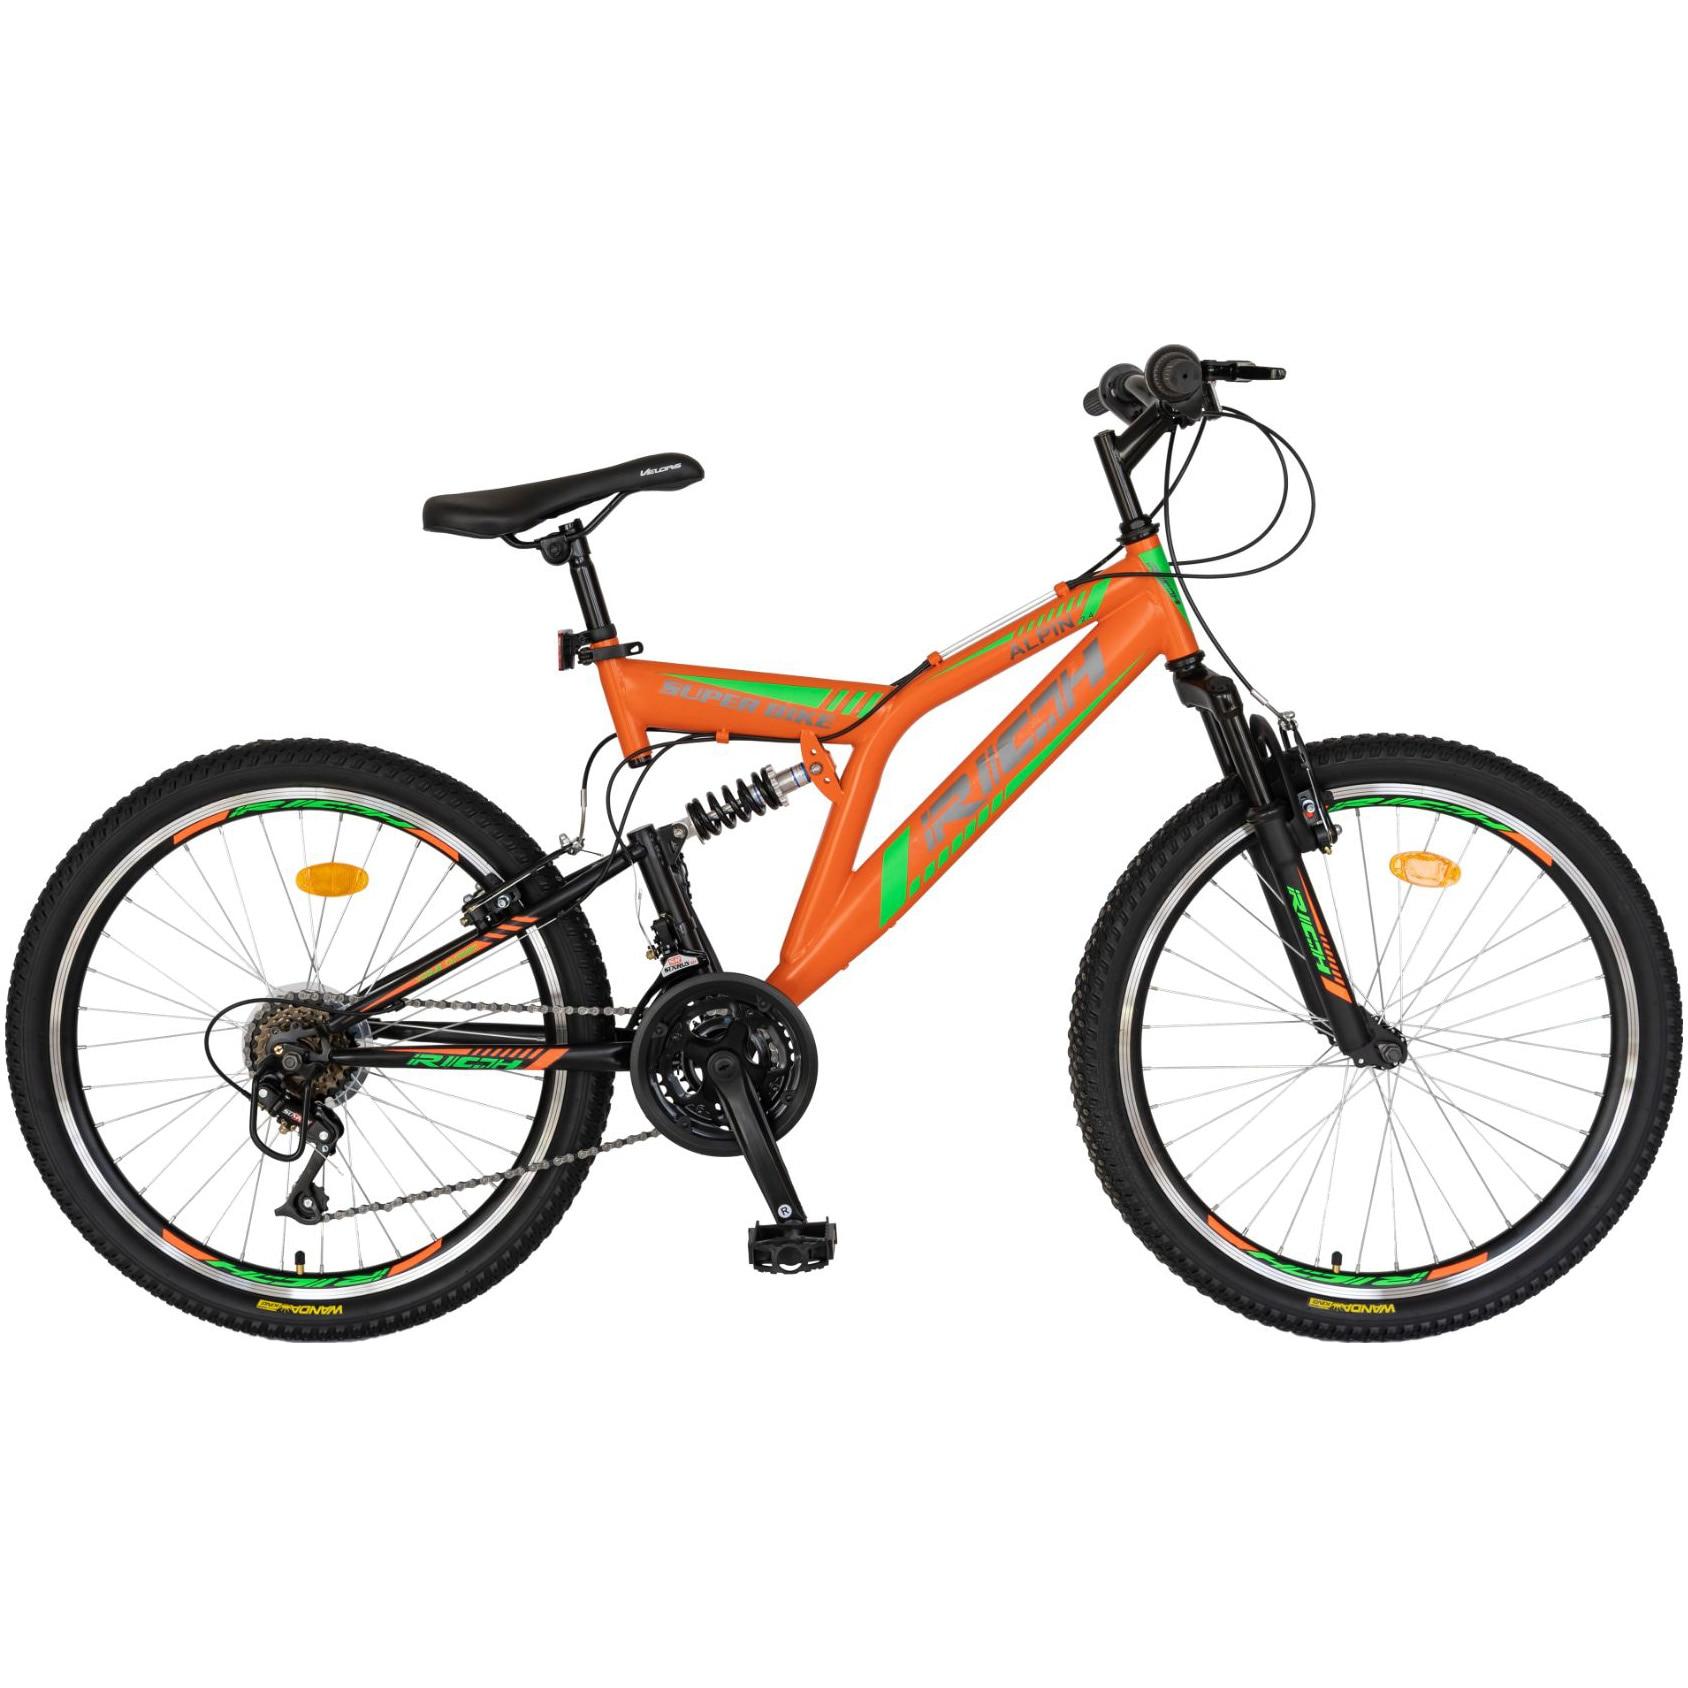 Fotografie Bicicleta Rich MTB FS Alpin R2649 Portocaliu/Verde